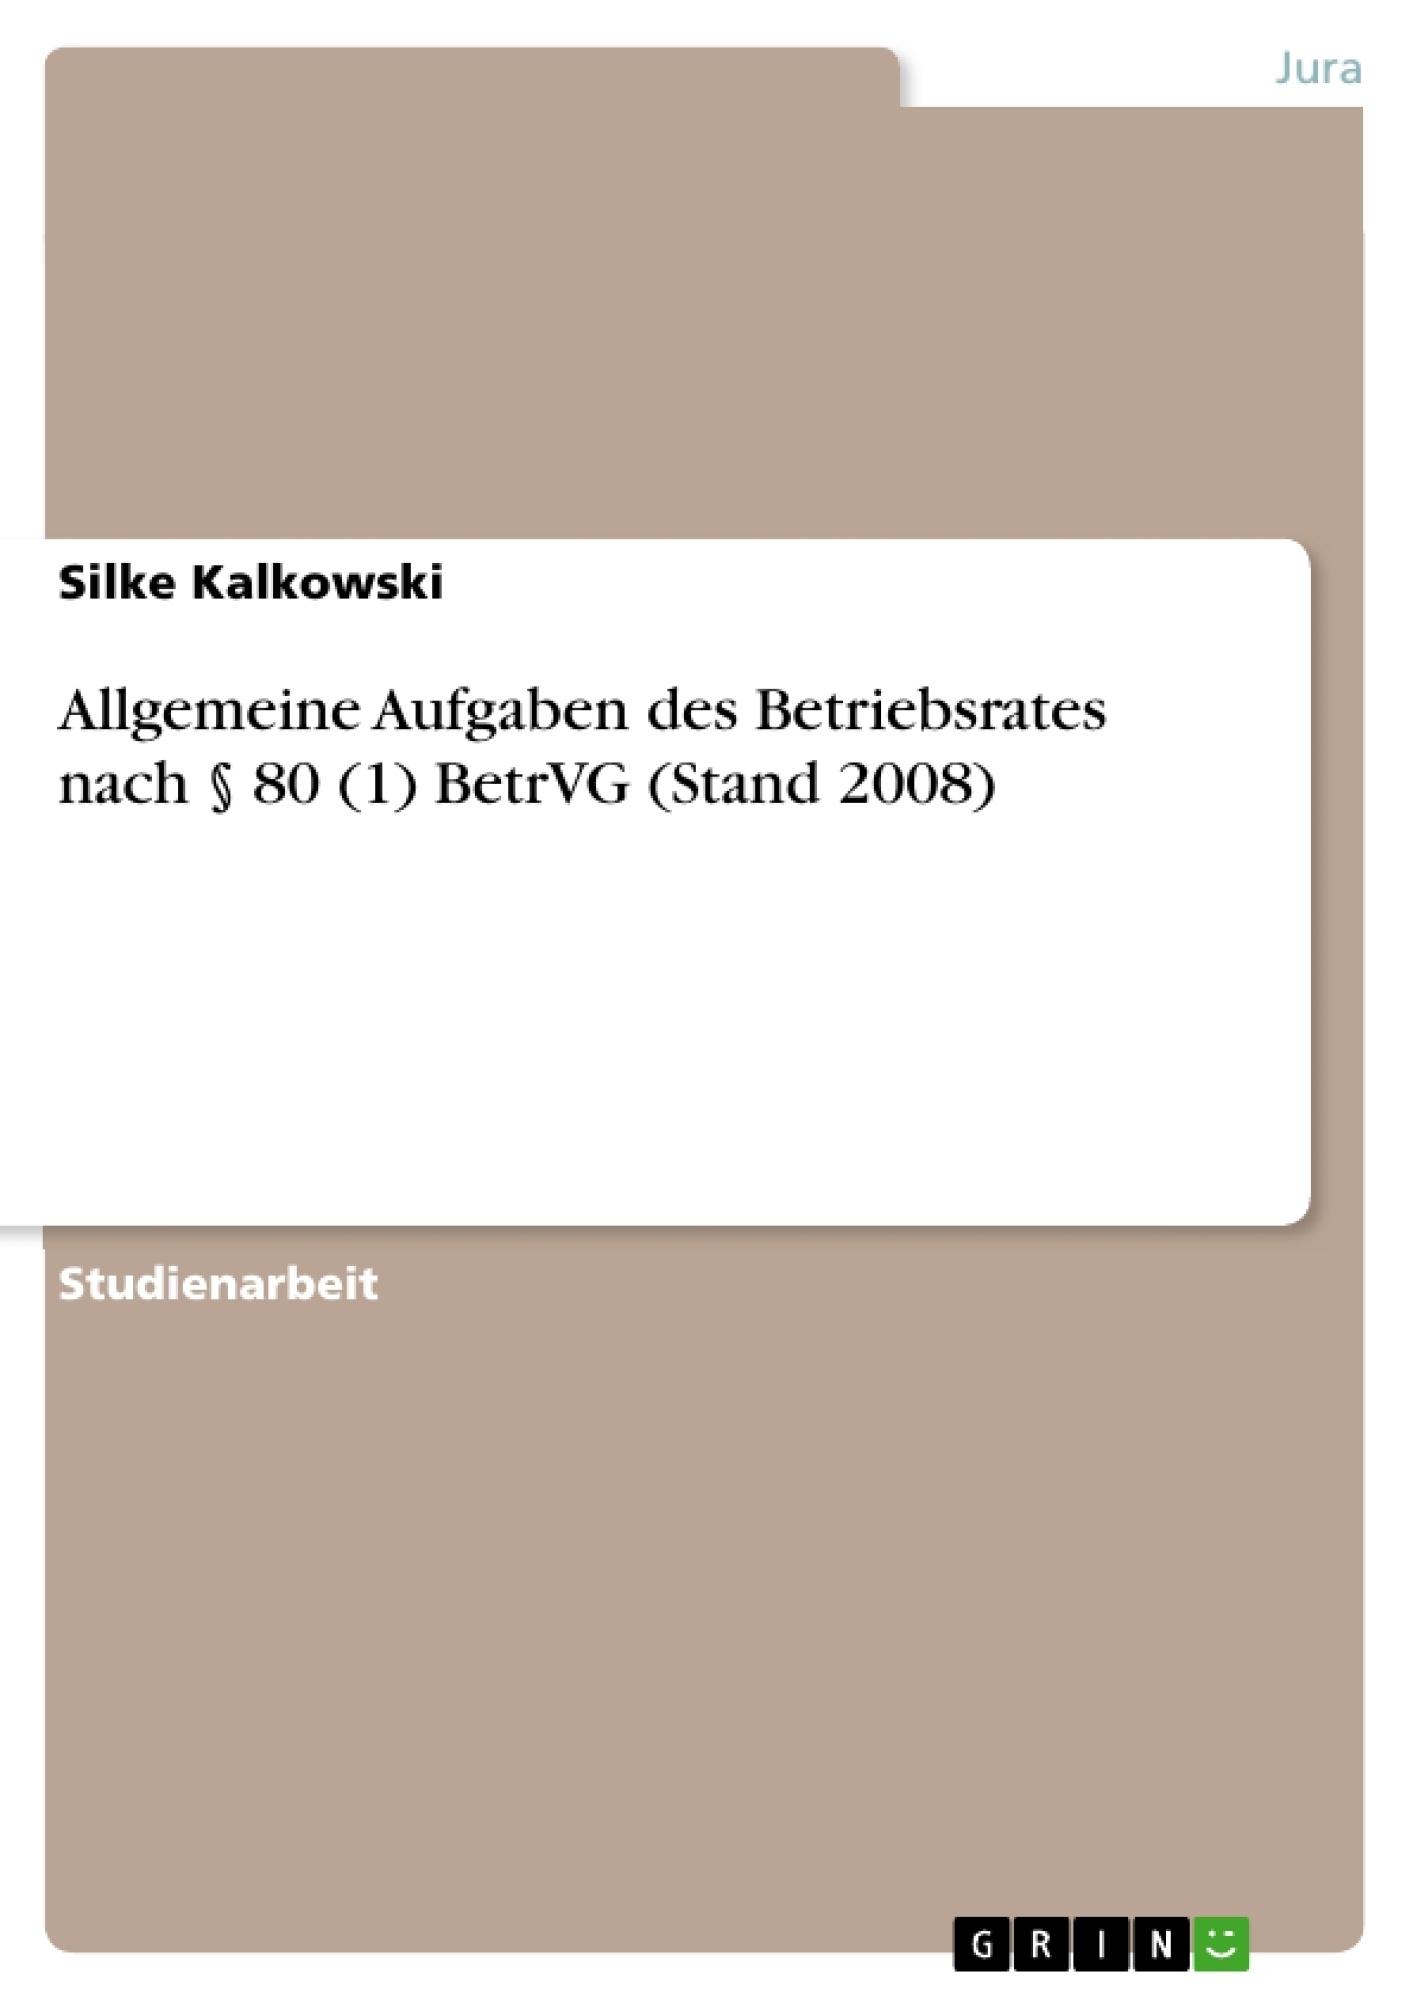 Titel: Allgemeine Aufgaben des Betriebsrates nach § 80 (1) BetrVG (Stand 2008)